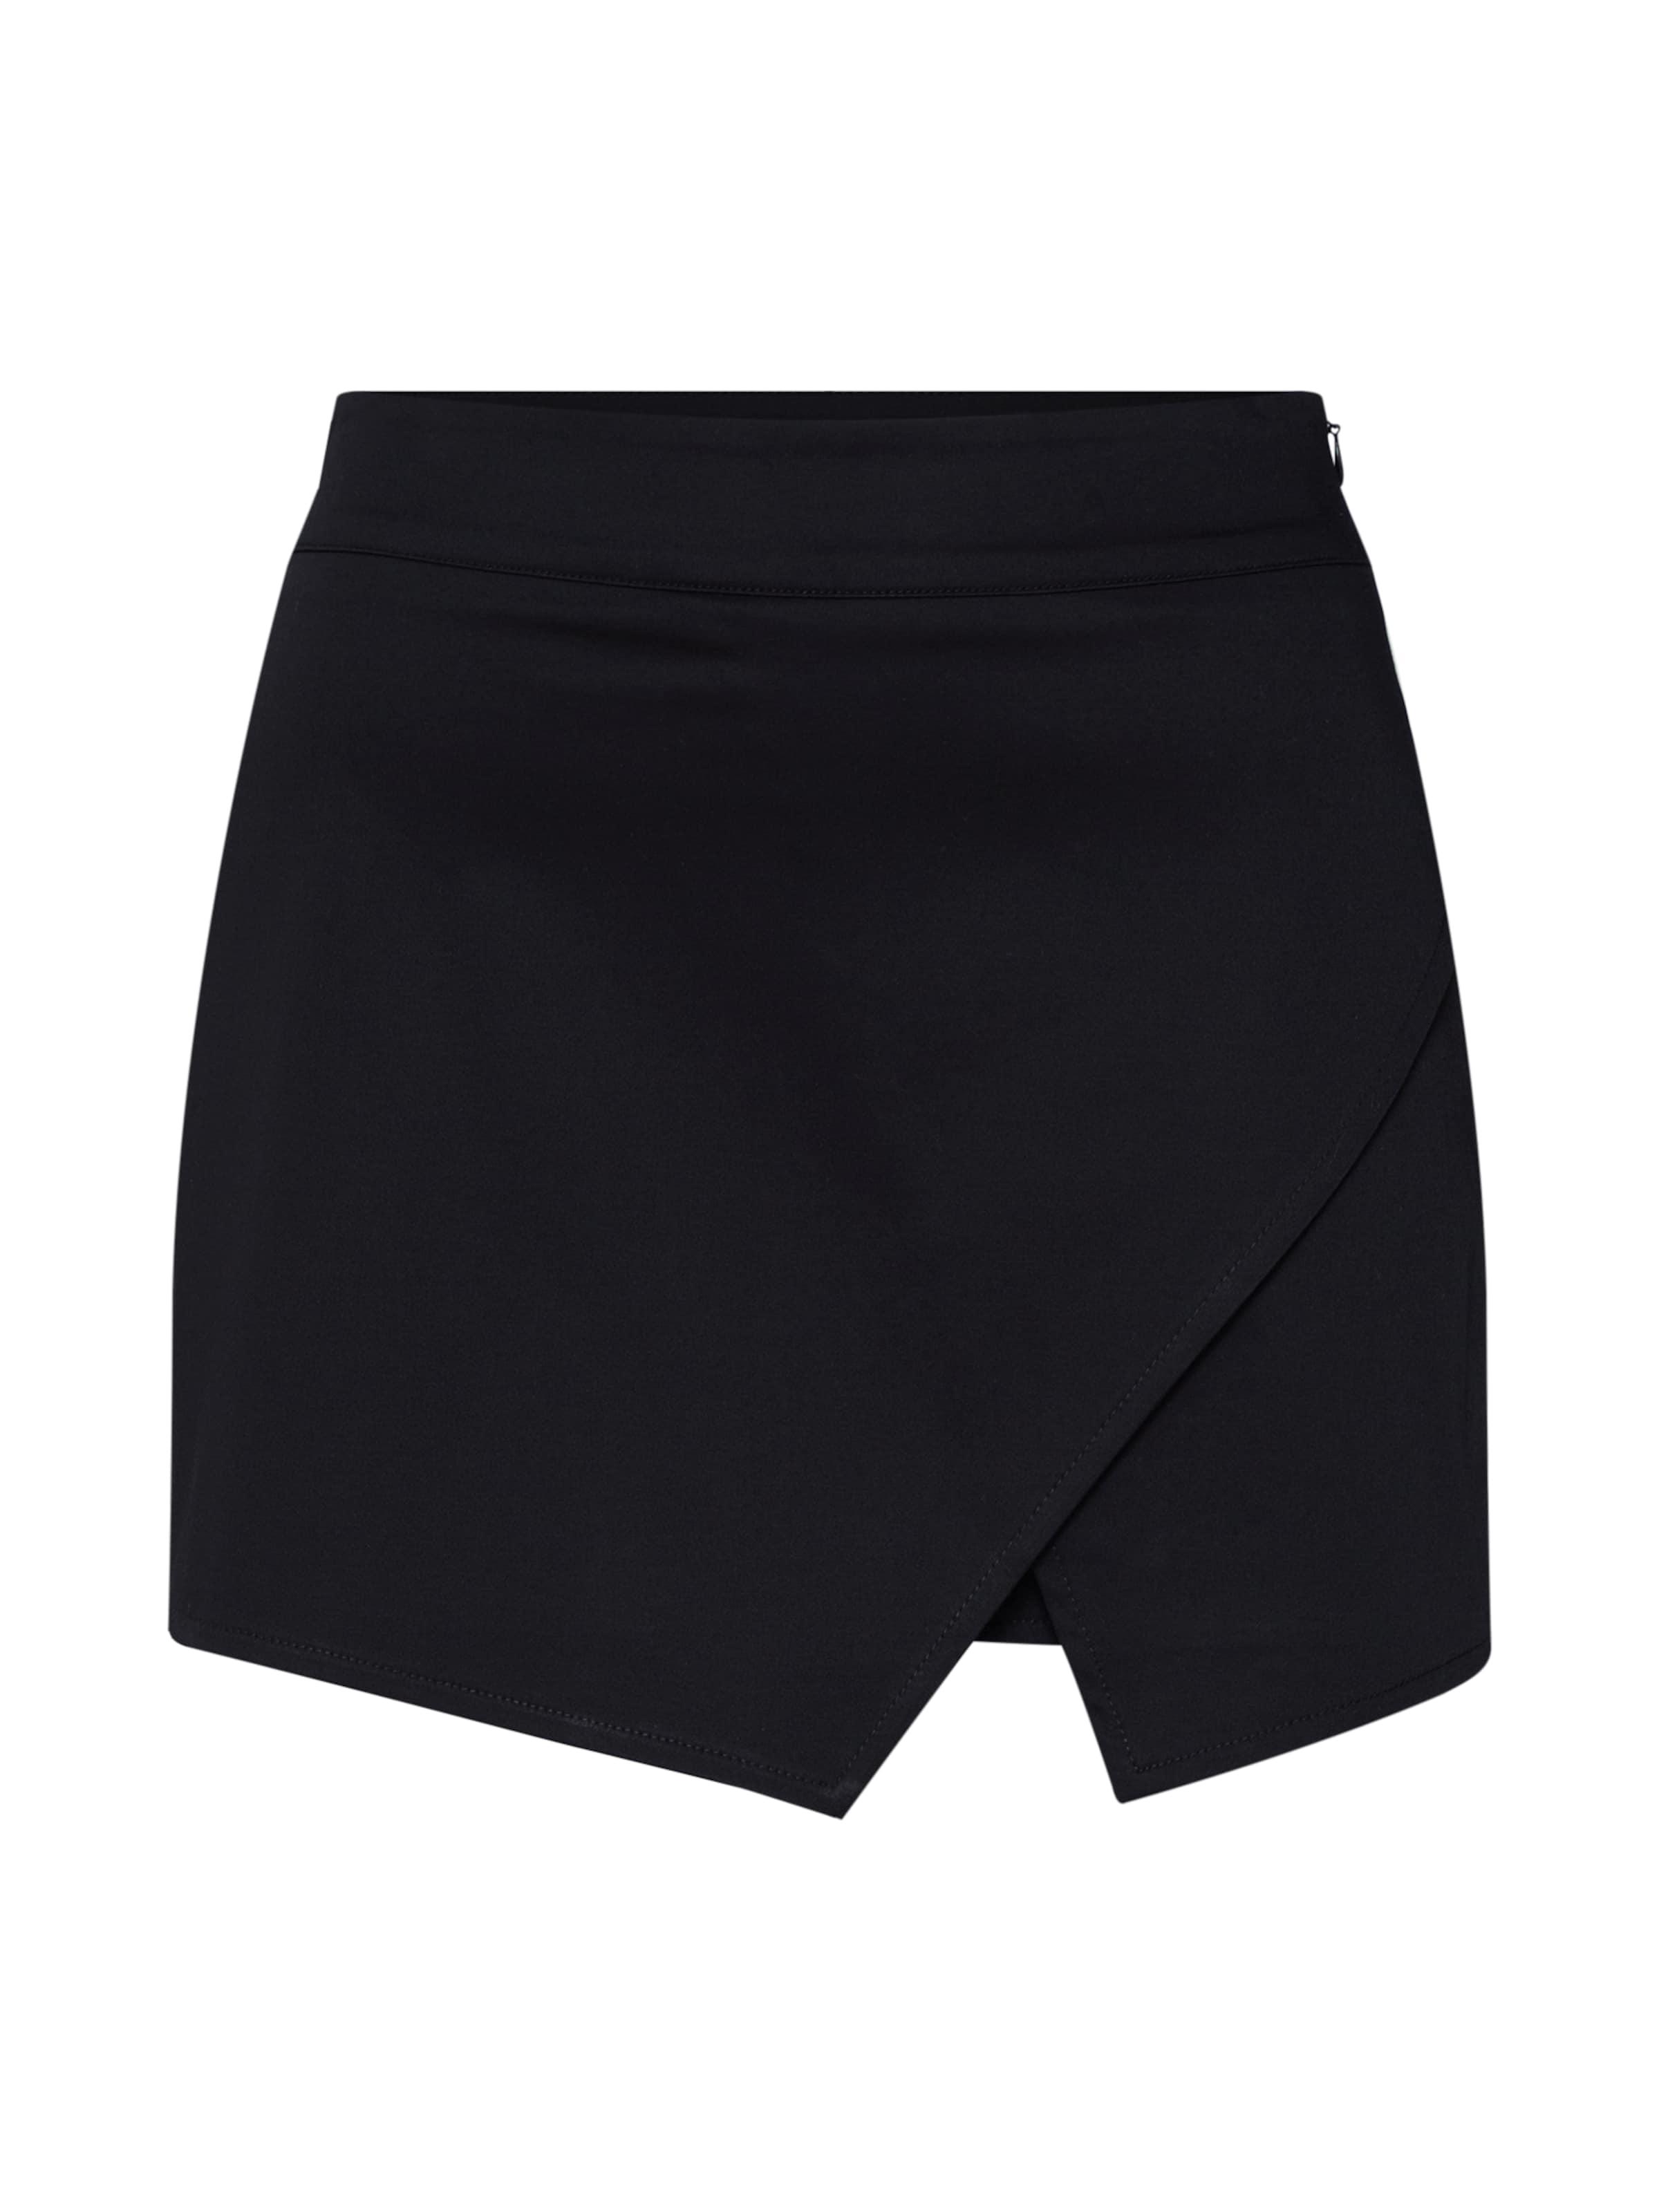 Noir Pantalon En Noir 'emma' Pantalon 'emma' En 'emma' Pantalon Noir En Pantalon 'emma' DHWE92I